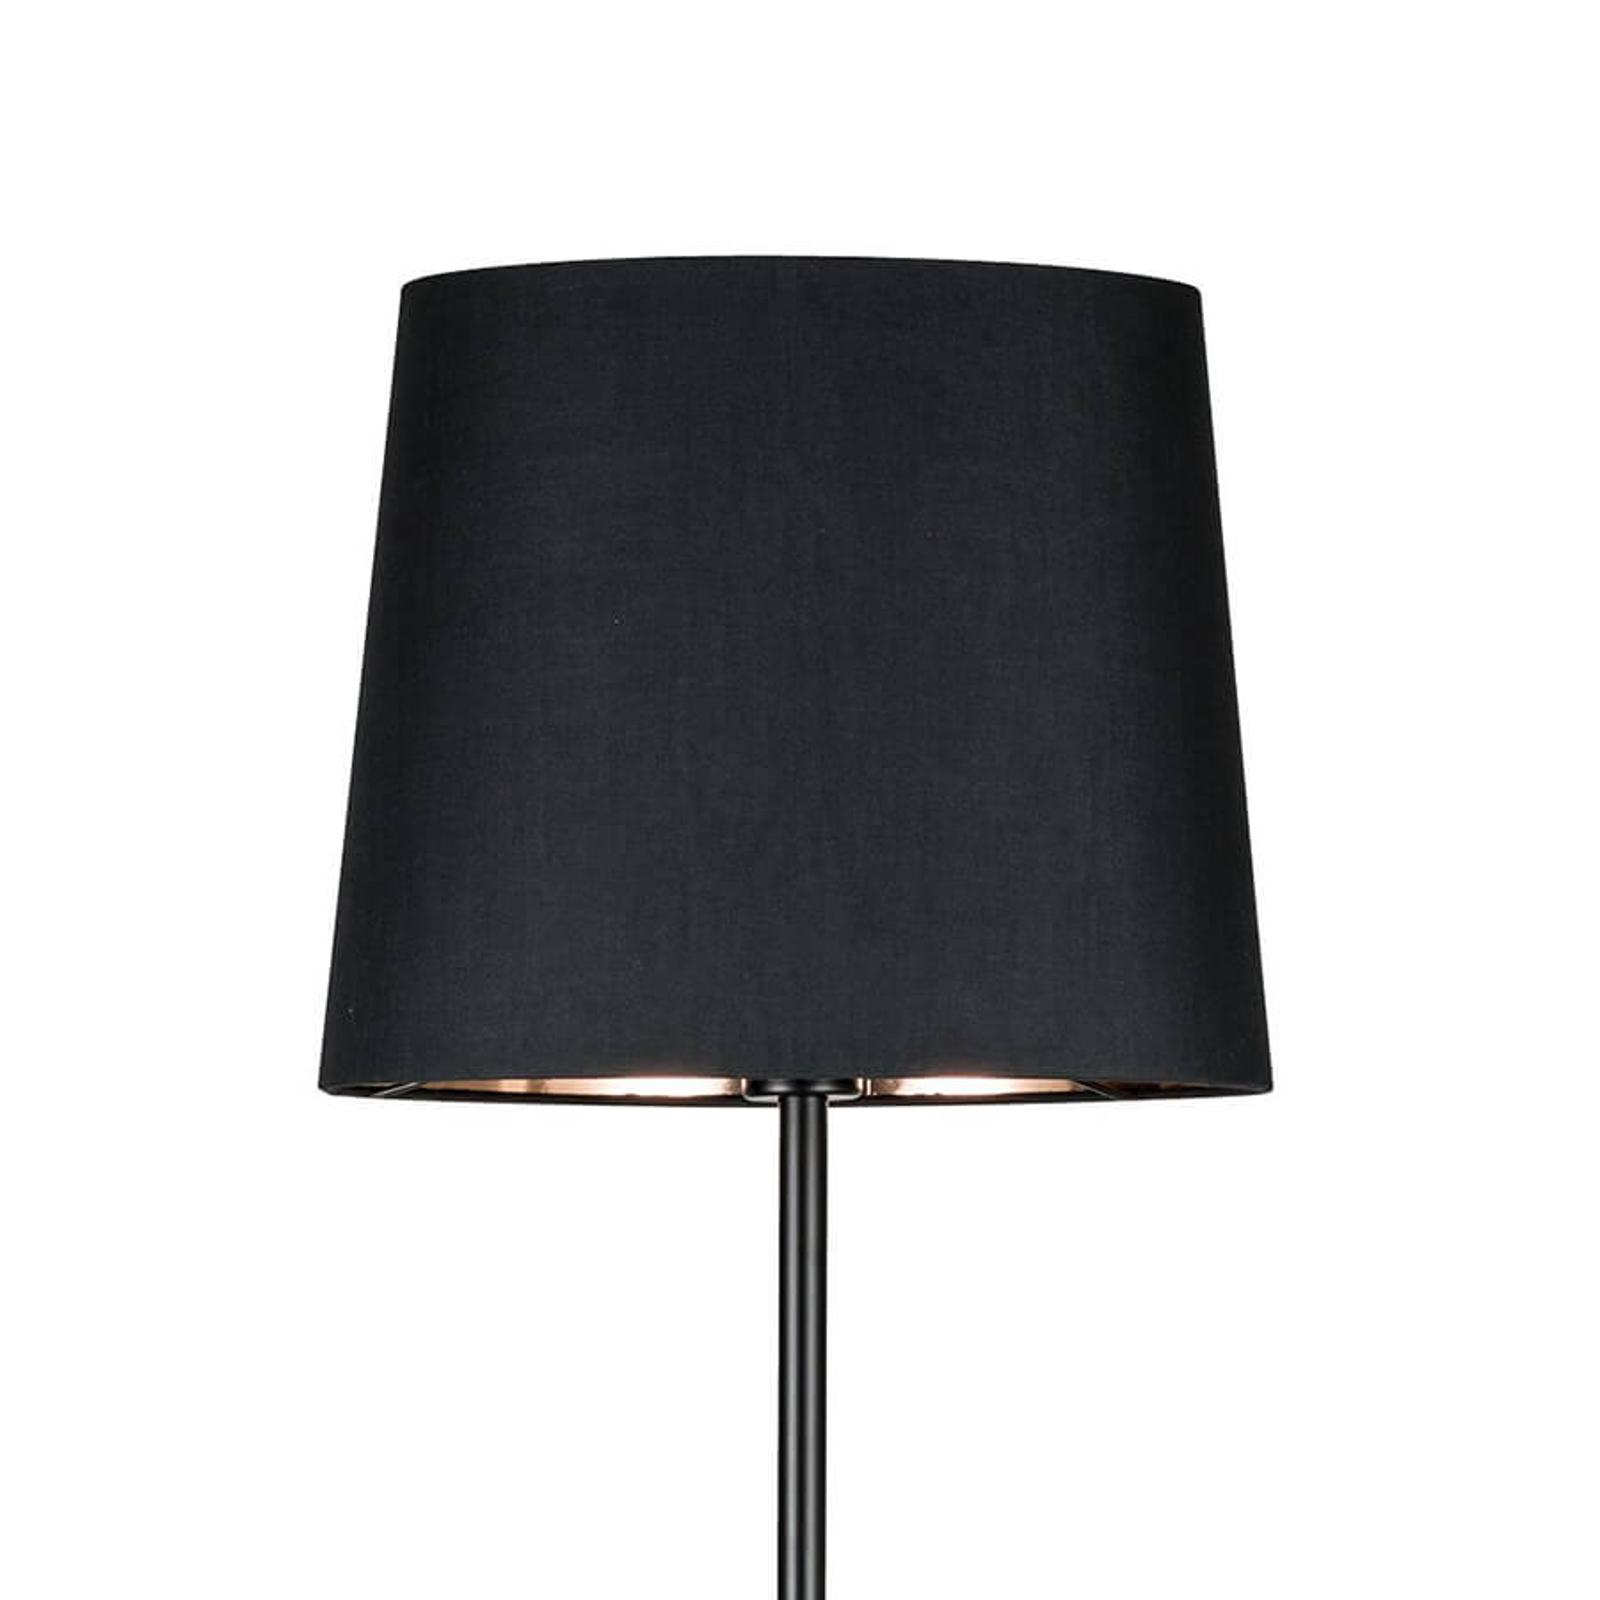 Zwarte textiele vloerlamp Enja met marmeren voet